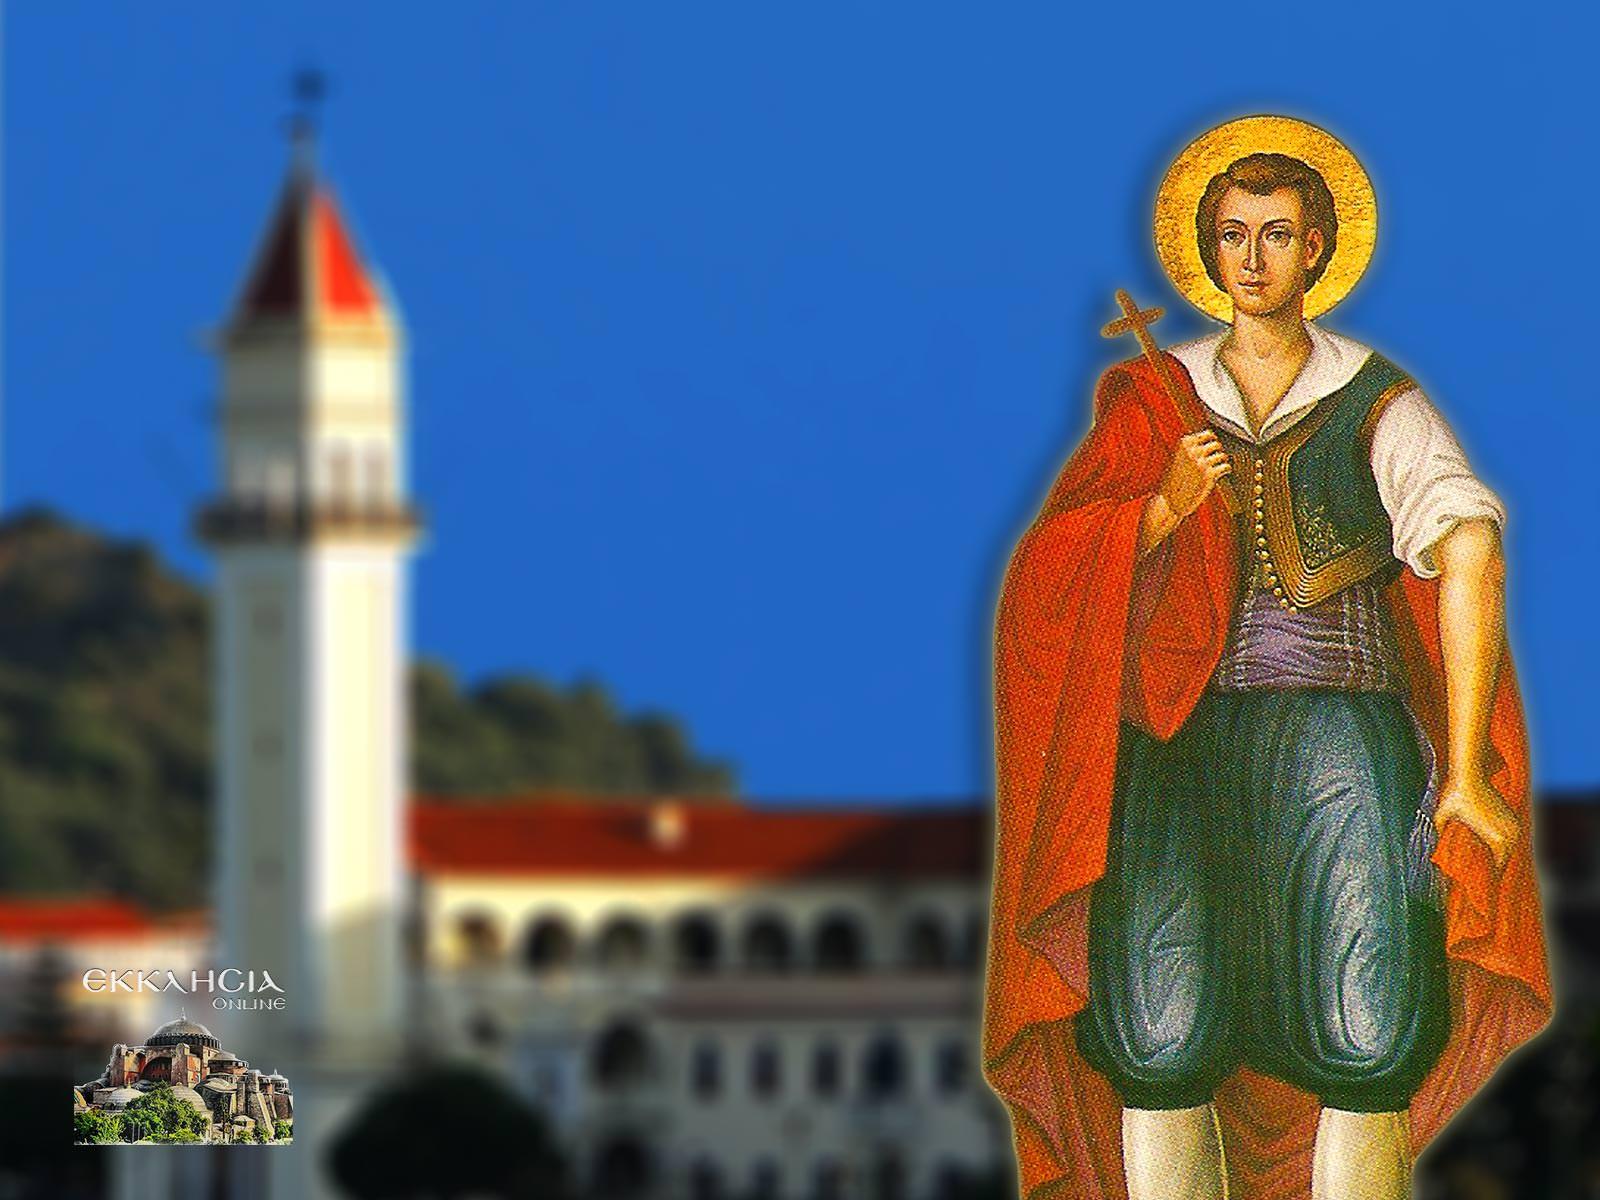 Άγιος Θεόφιλος εκ Ζακύνθου 24 Ιουλίου